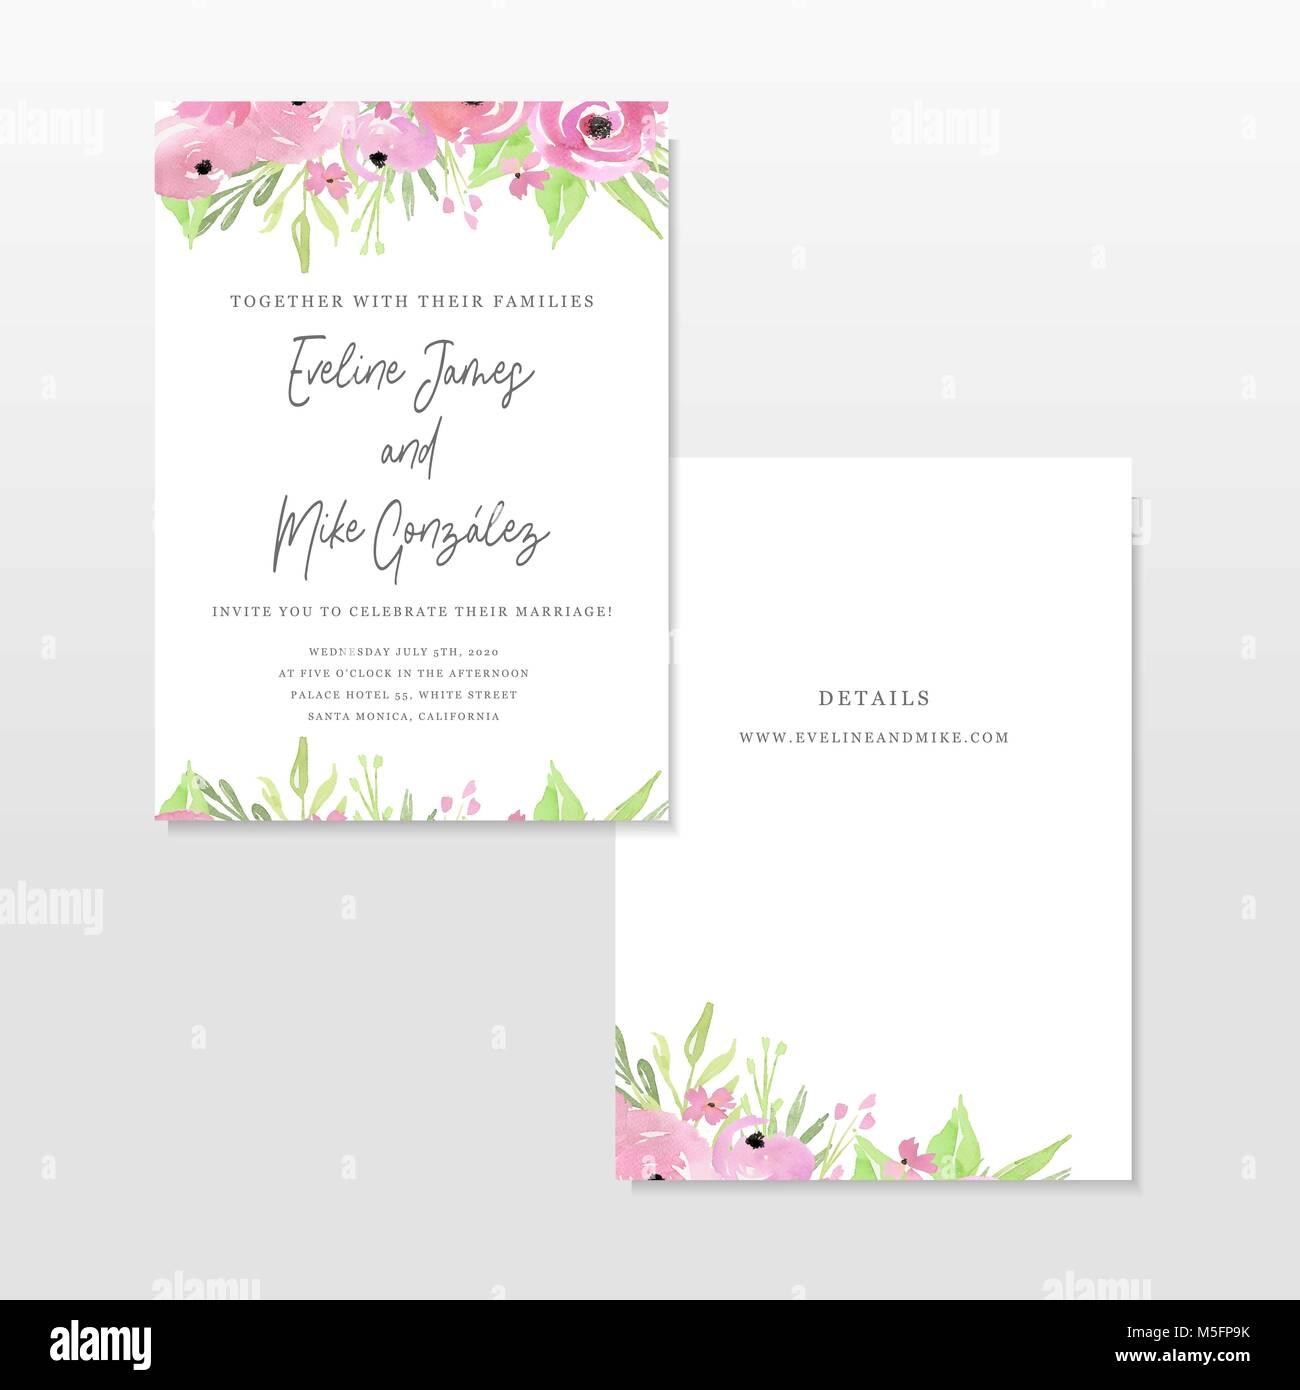 Hochzeit Einladung Vorlage Mit Rosa Blumen, Kranz, Ehe, Blumen,  Handgezeichnete Illustrationen. Einladung Vorlage. Aquarell Hand Gezeichnet